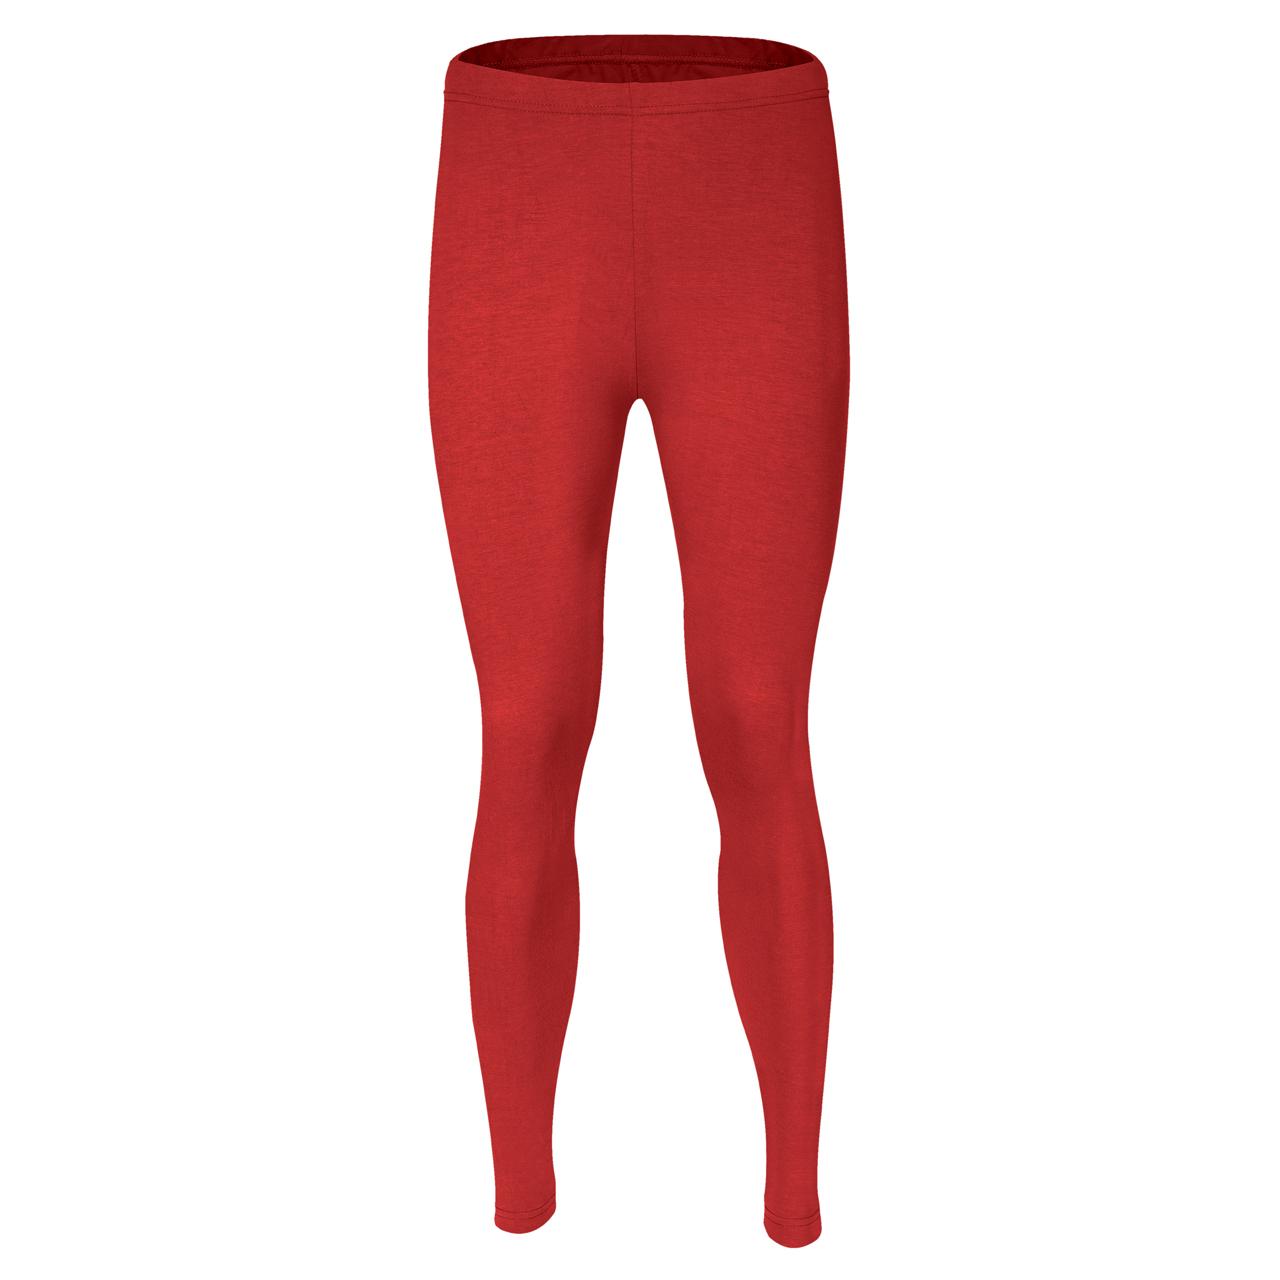 خرید                                      لگینگ زنانه ساروک مدل DoTK07 رنگ قرمز